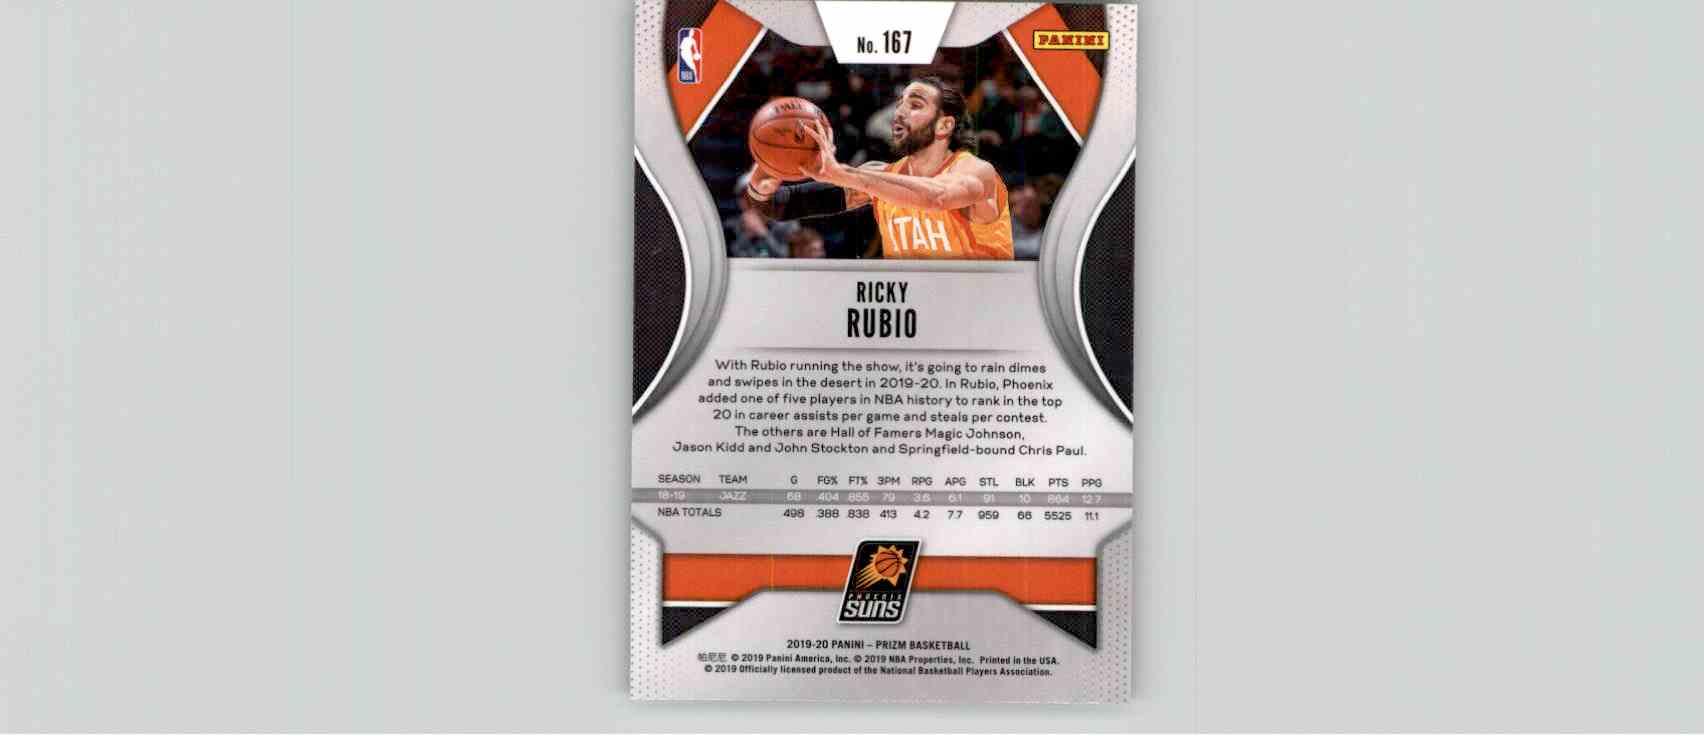 2019-20 Panini Prizm Basketball Prizm Ricky Rubio #167 card back image